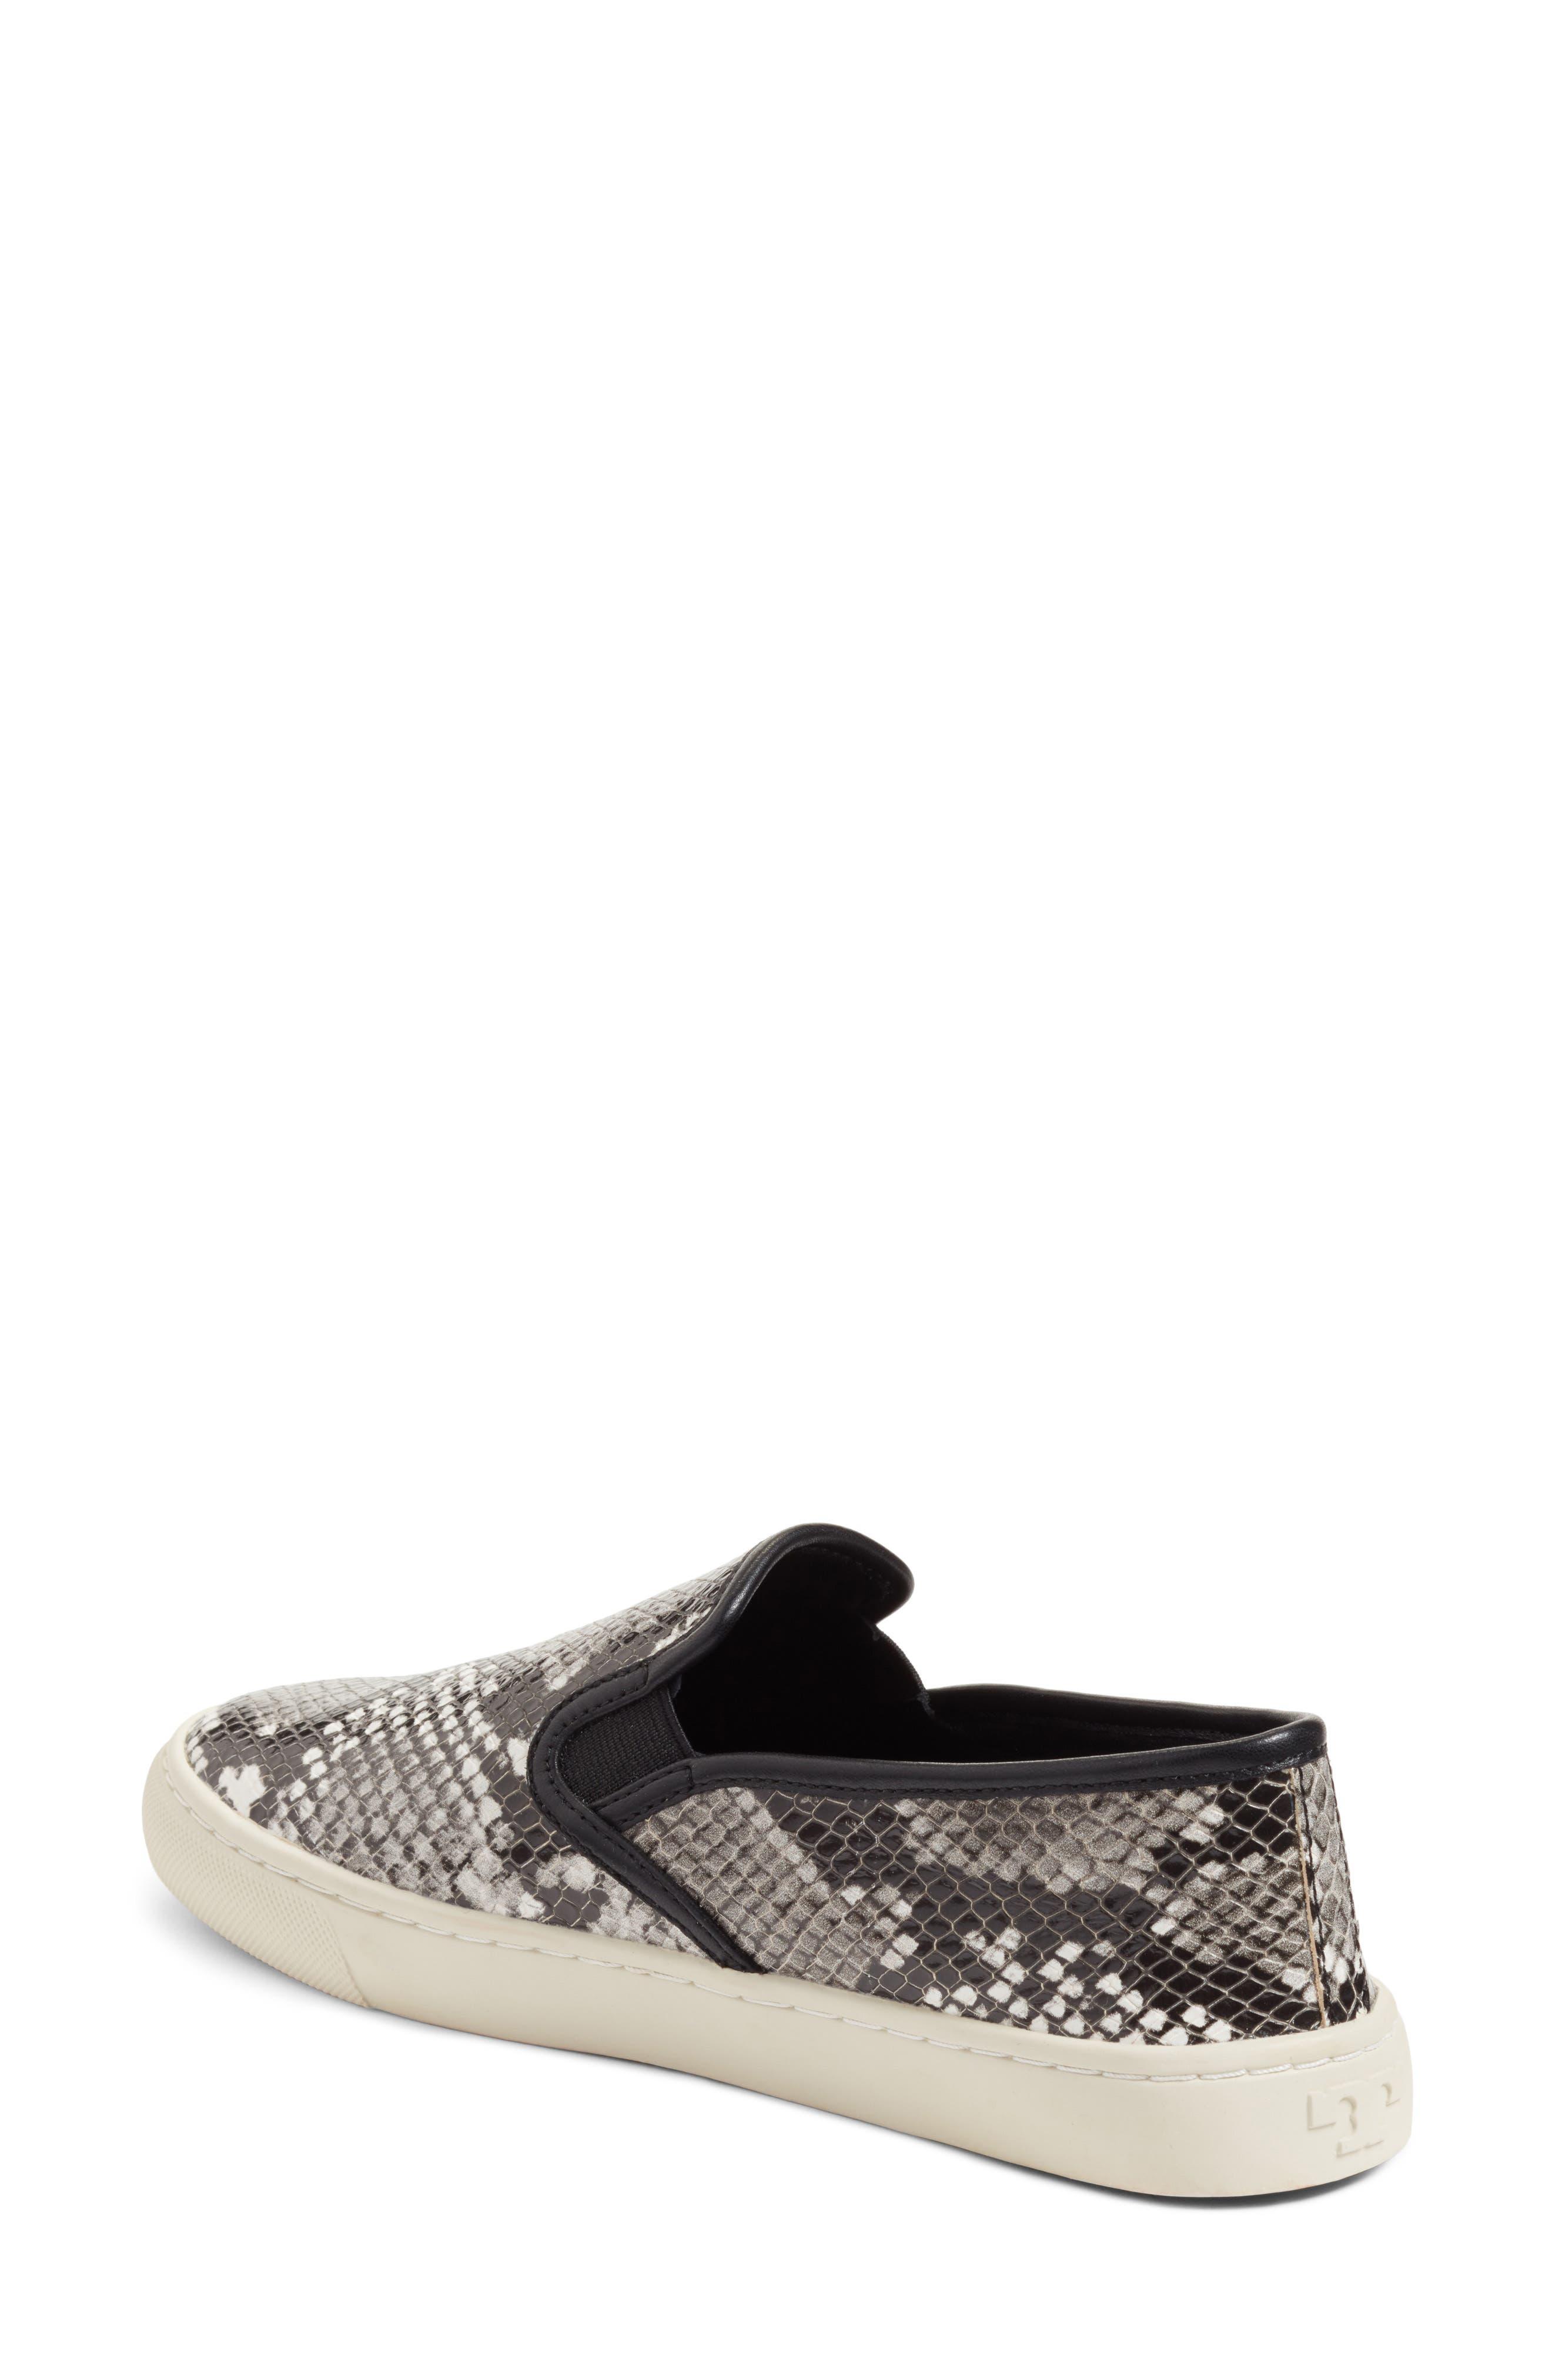 Max Slip-On Sneaker,                             Alternate thumbnail 8, color,